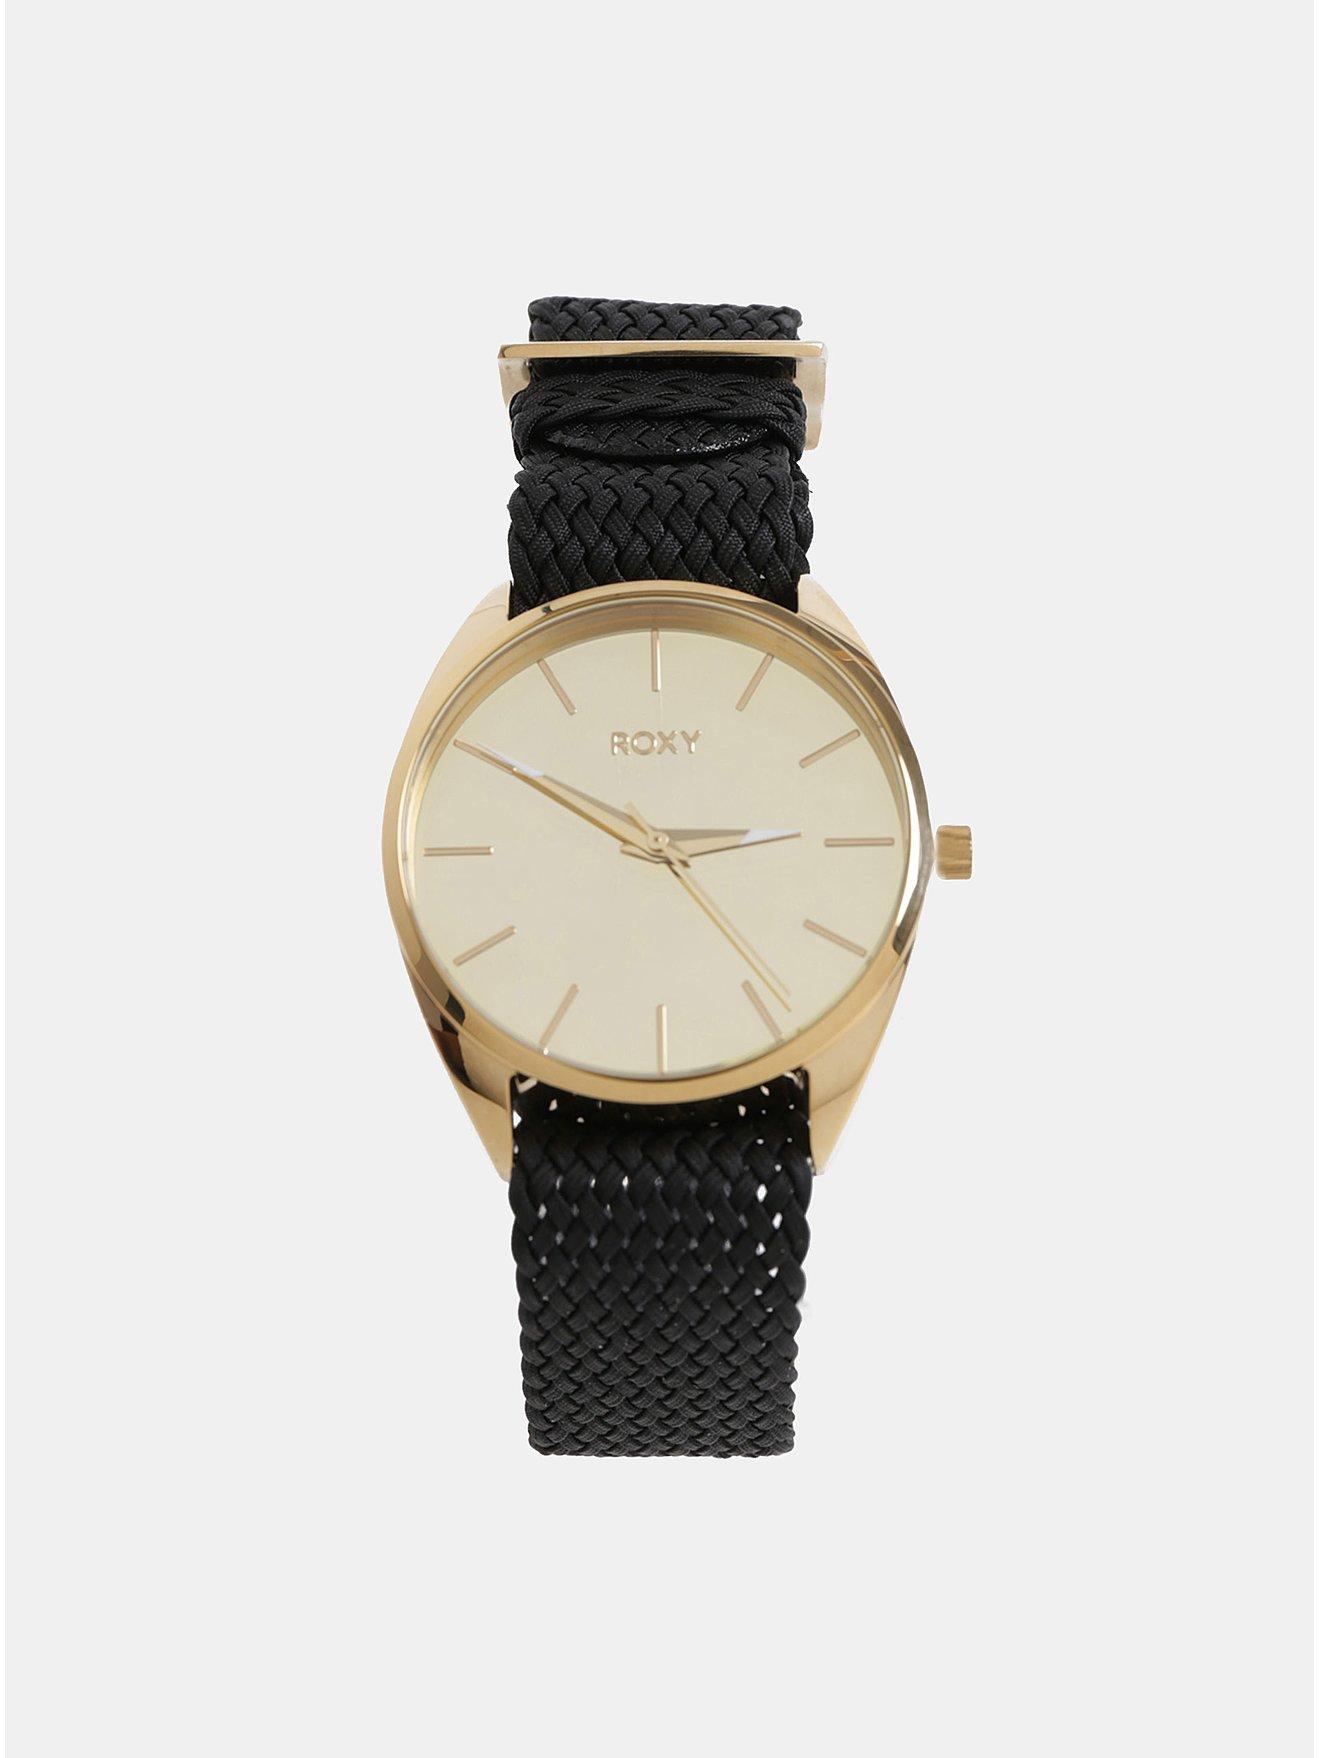 Dámské hodinky s třemi vyměnitelnými pásky v černé a zlaté barvě v dárkovém  balení Roxy Mirror 369edc13d1